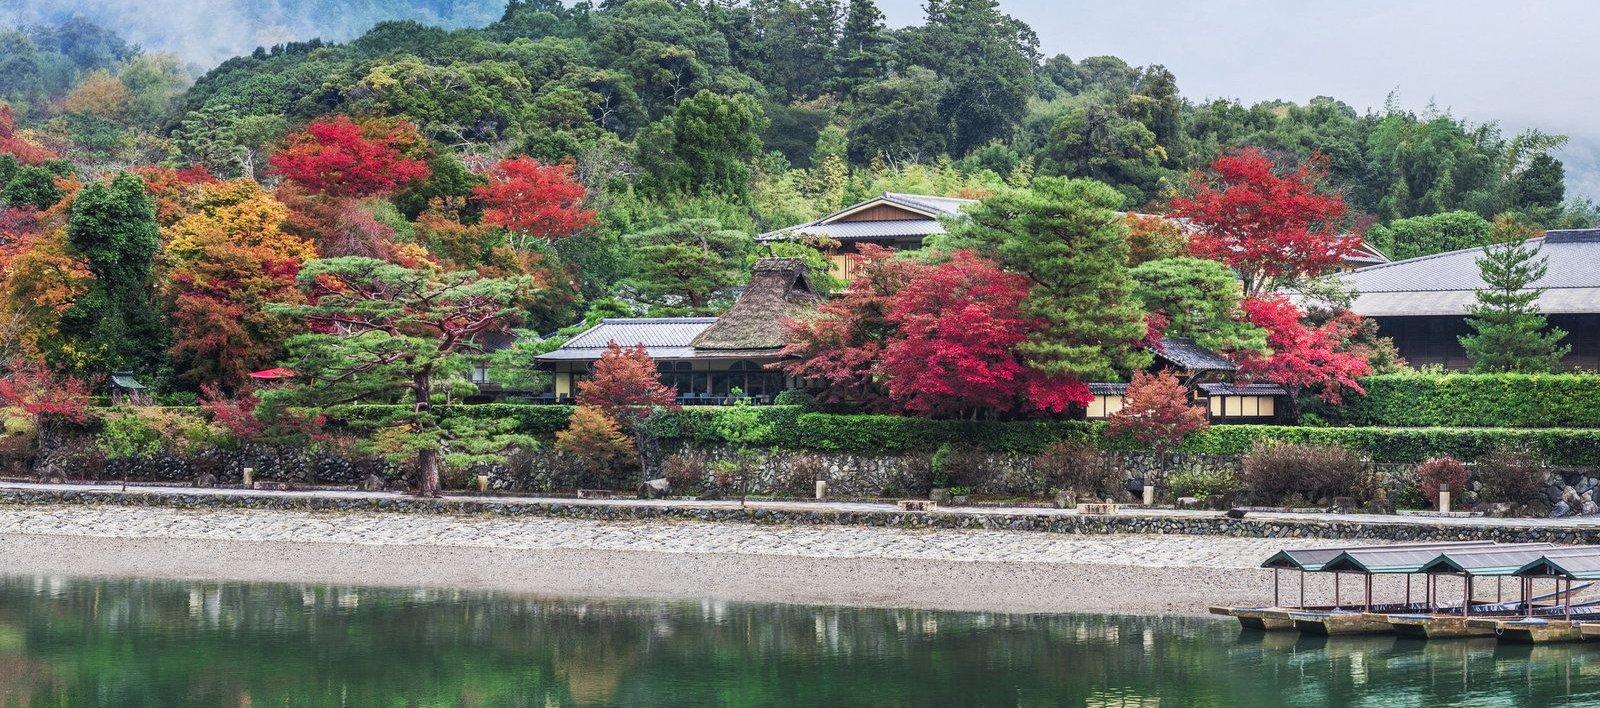 suiran-kyoto-autumn-foliage